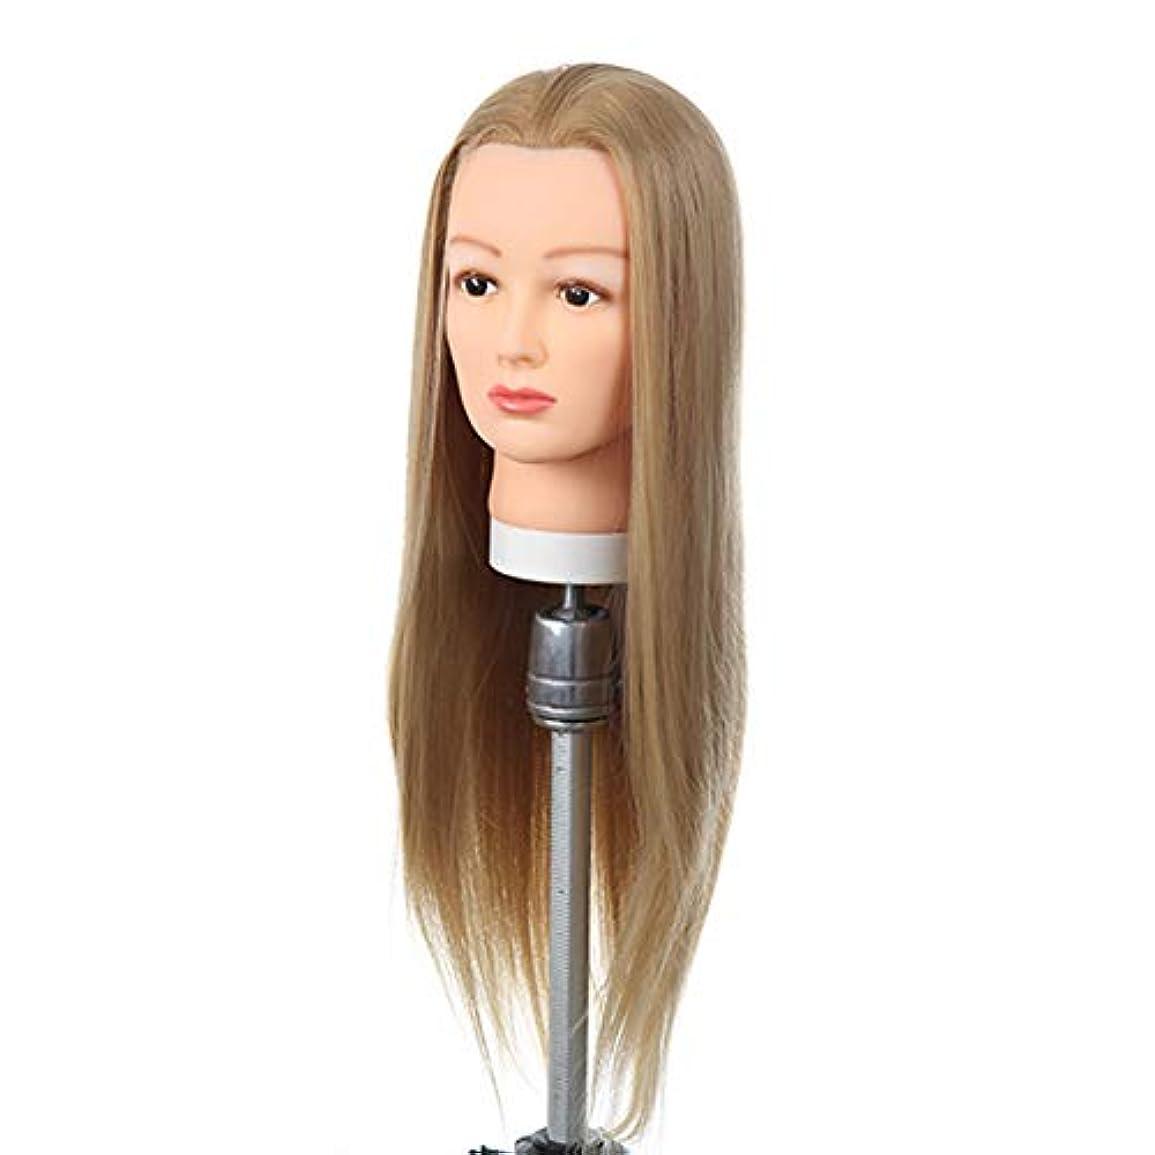 大通りきちんとしたファンシー高温シルクヘアエクササイズヘッド理髪店トリムヘアトレーニングヘッドブライダルメイクスタイリングヘアモデルダミーヘッド